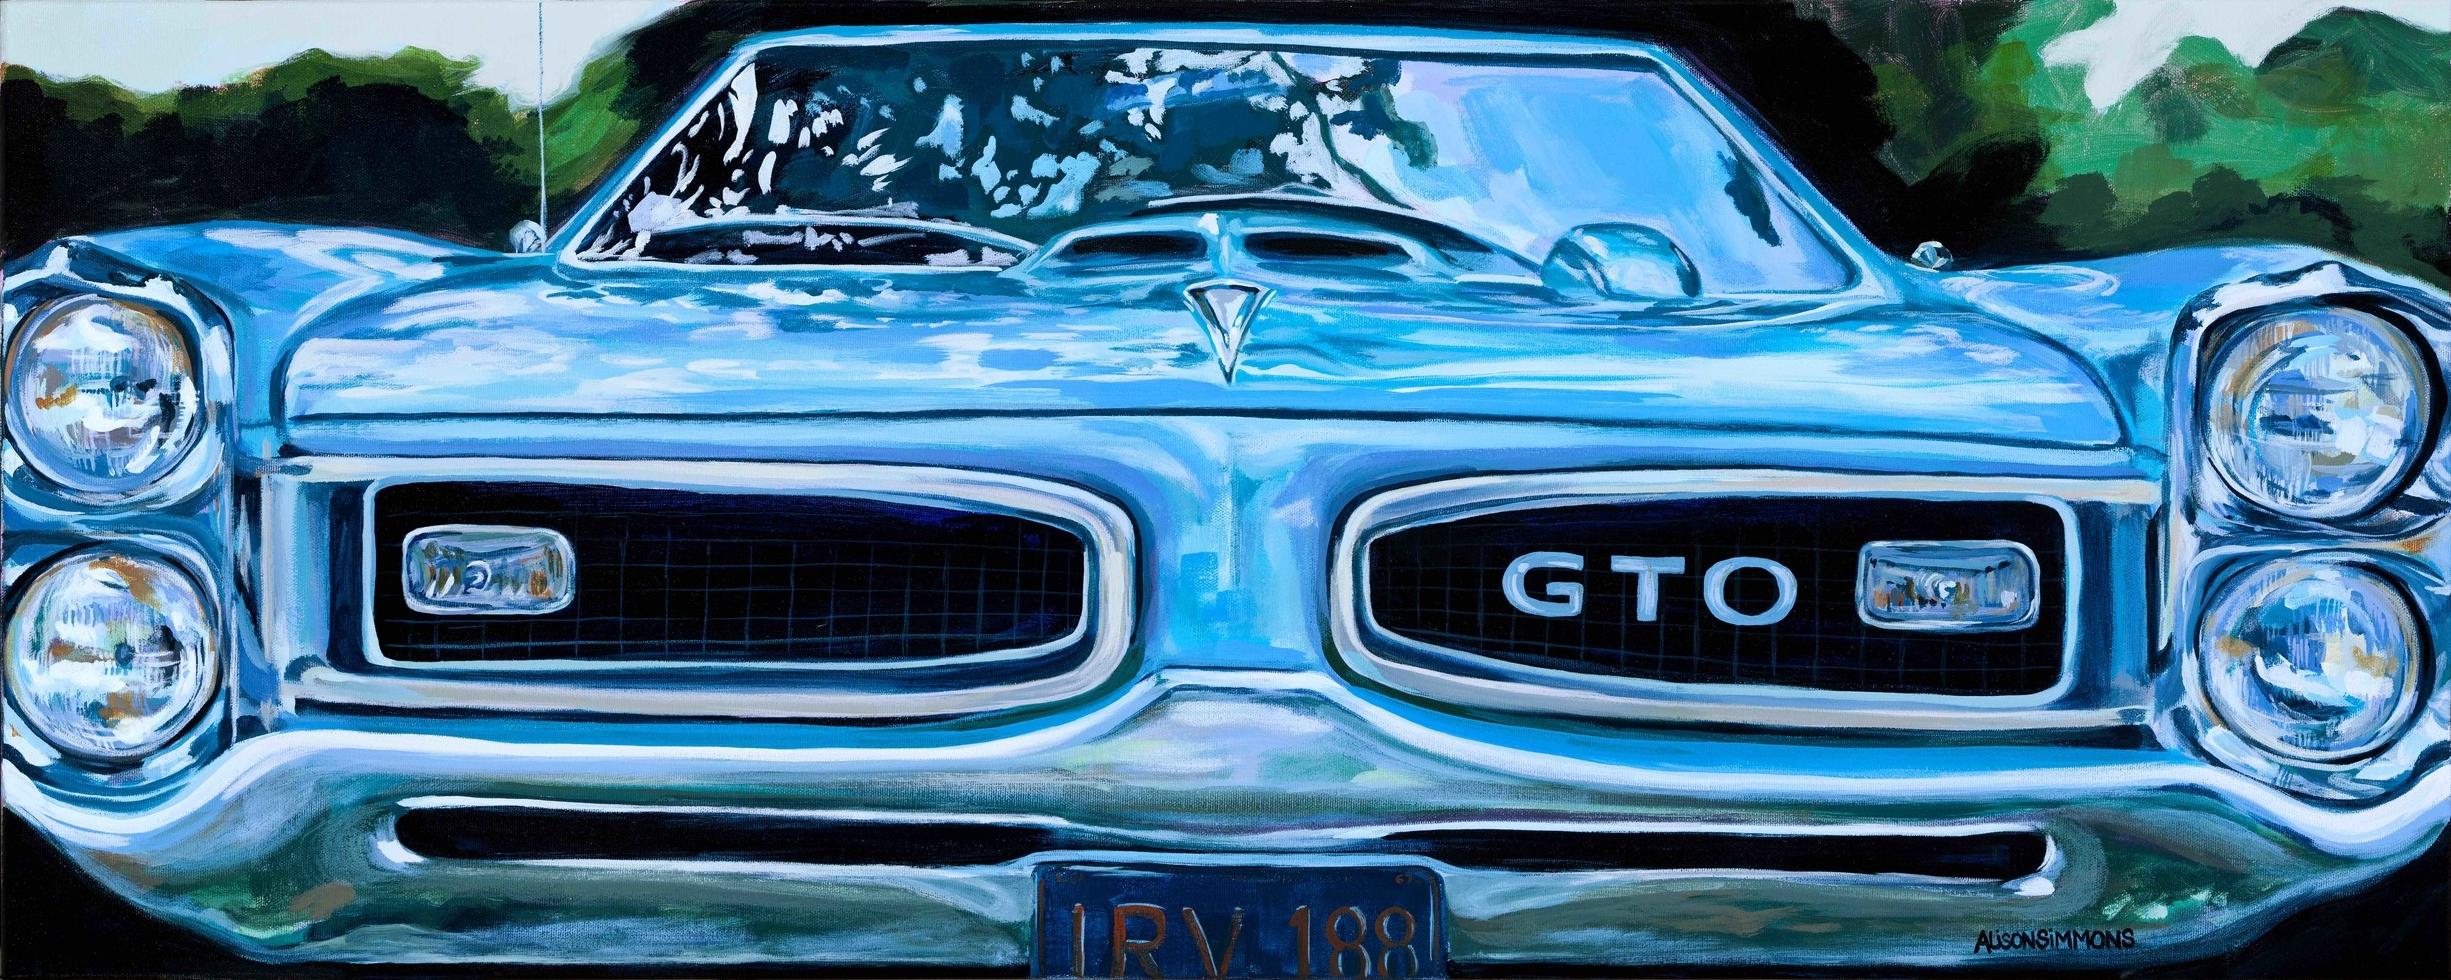 GTO, 1967